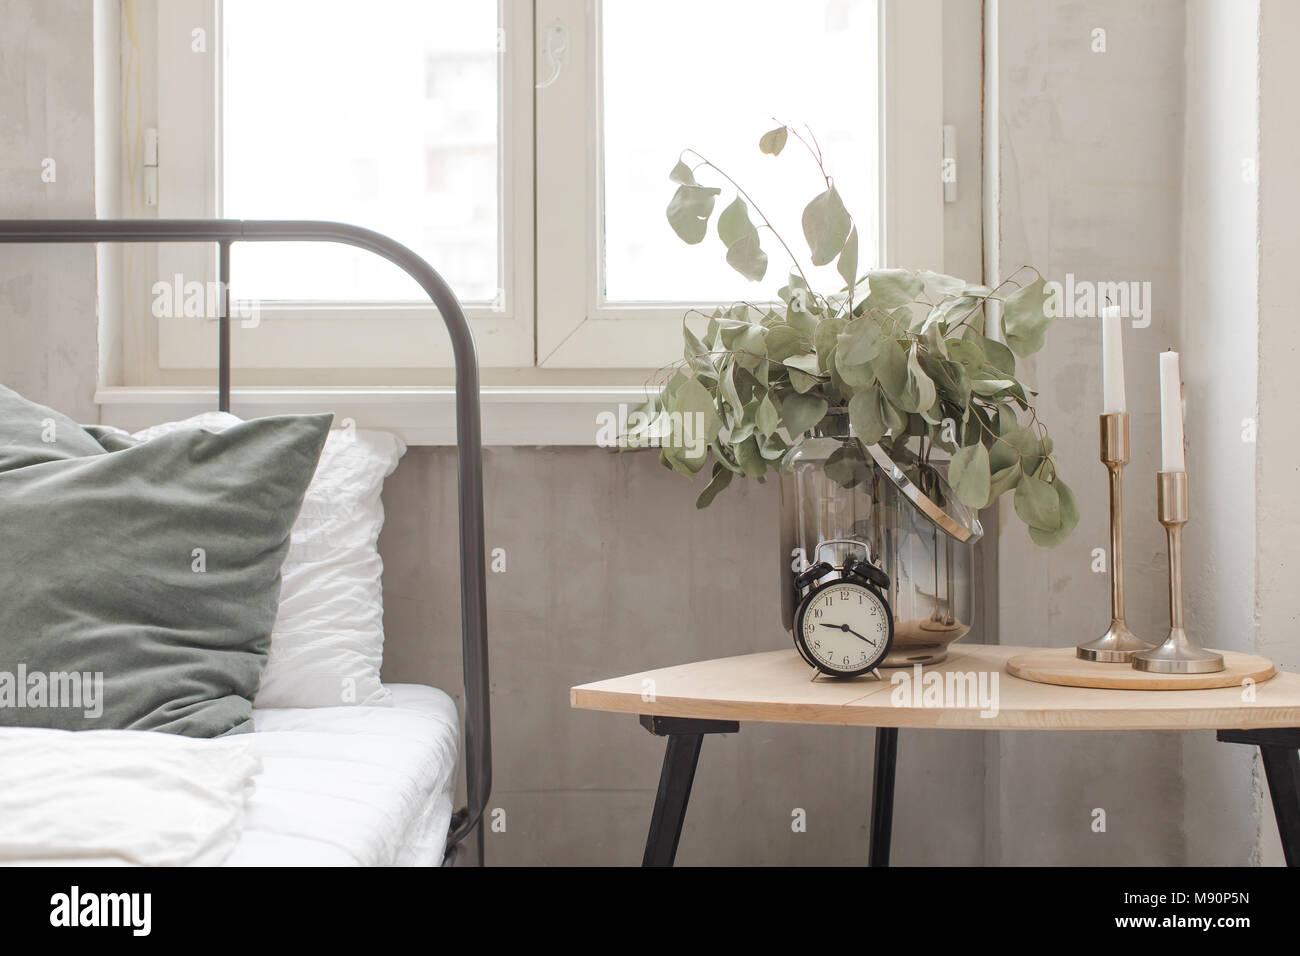 Camera da letto orologio interno impianto vaso sul tavolo di ...